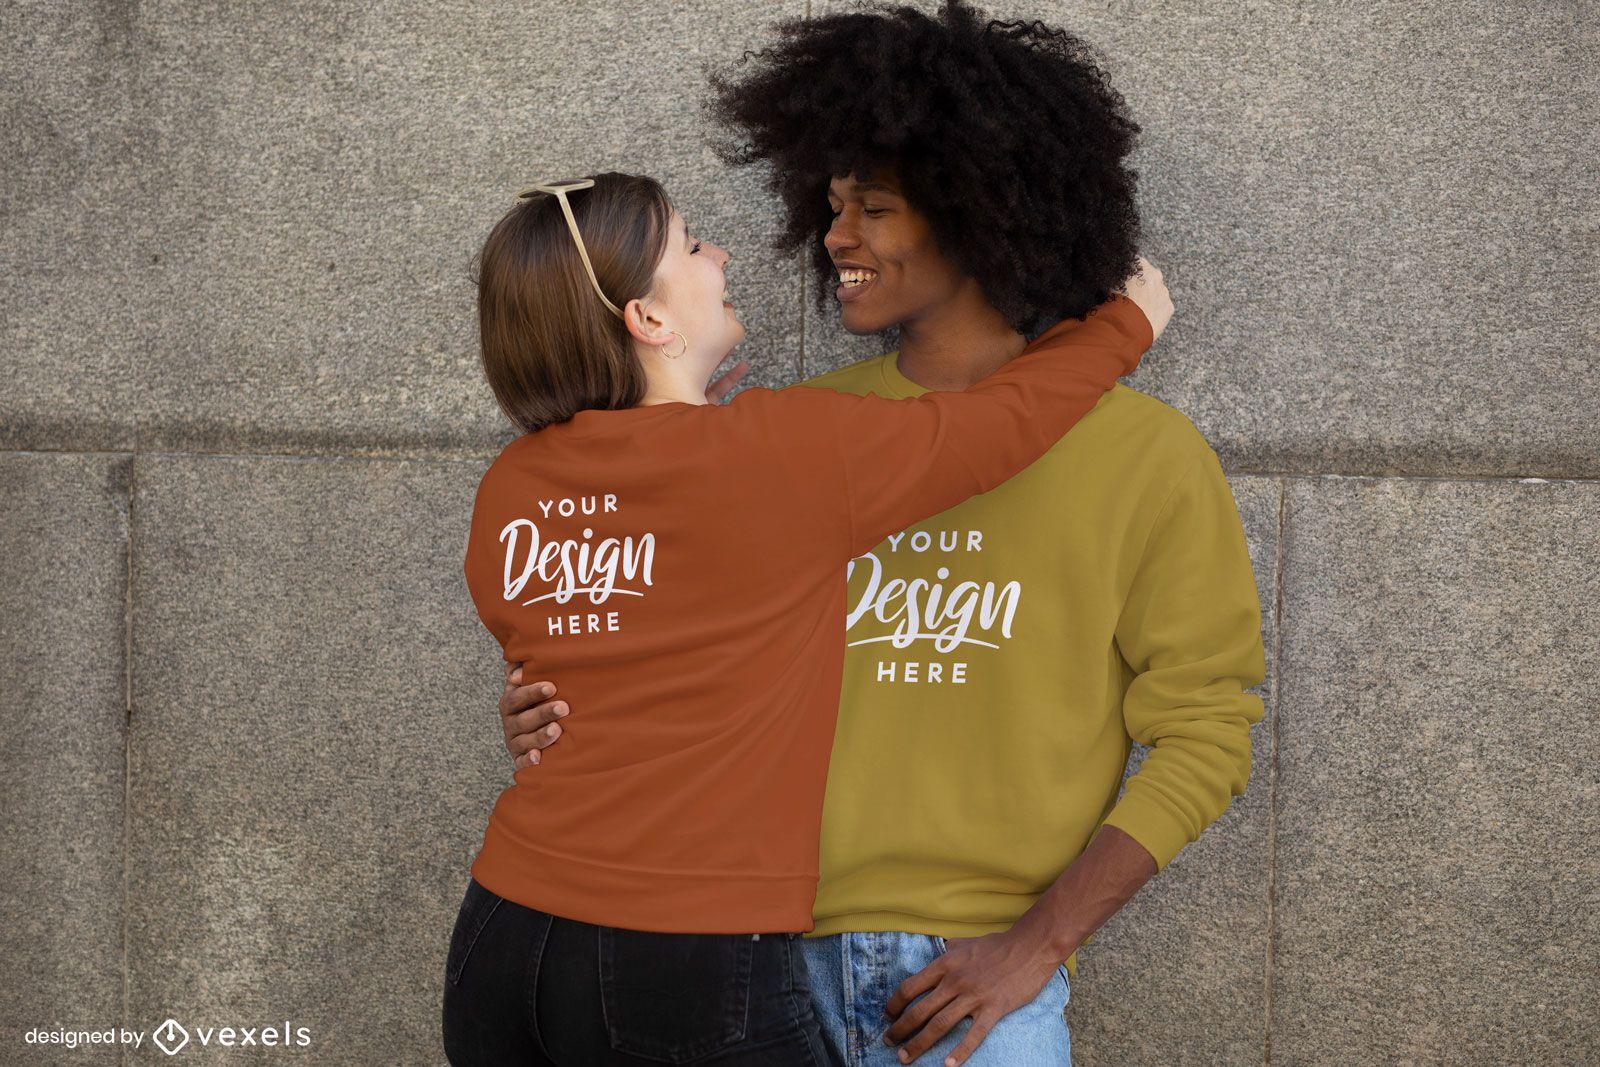 Mann und Frau umarmen Sweatshirt-Modell